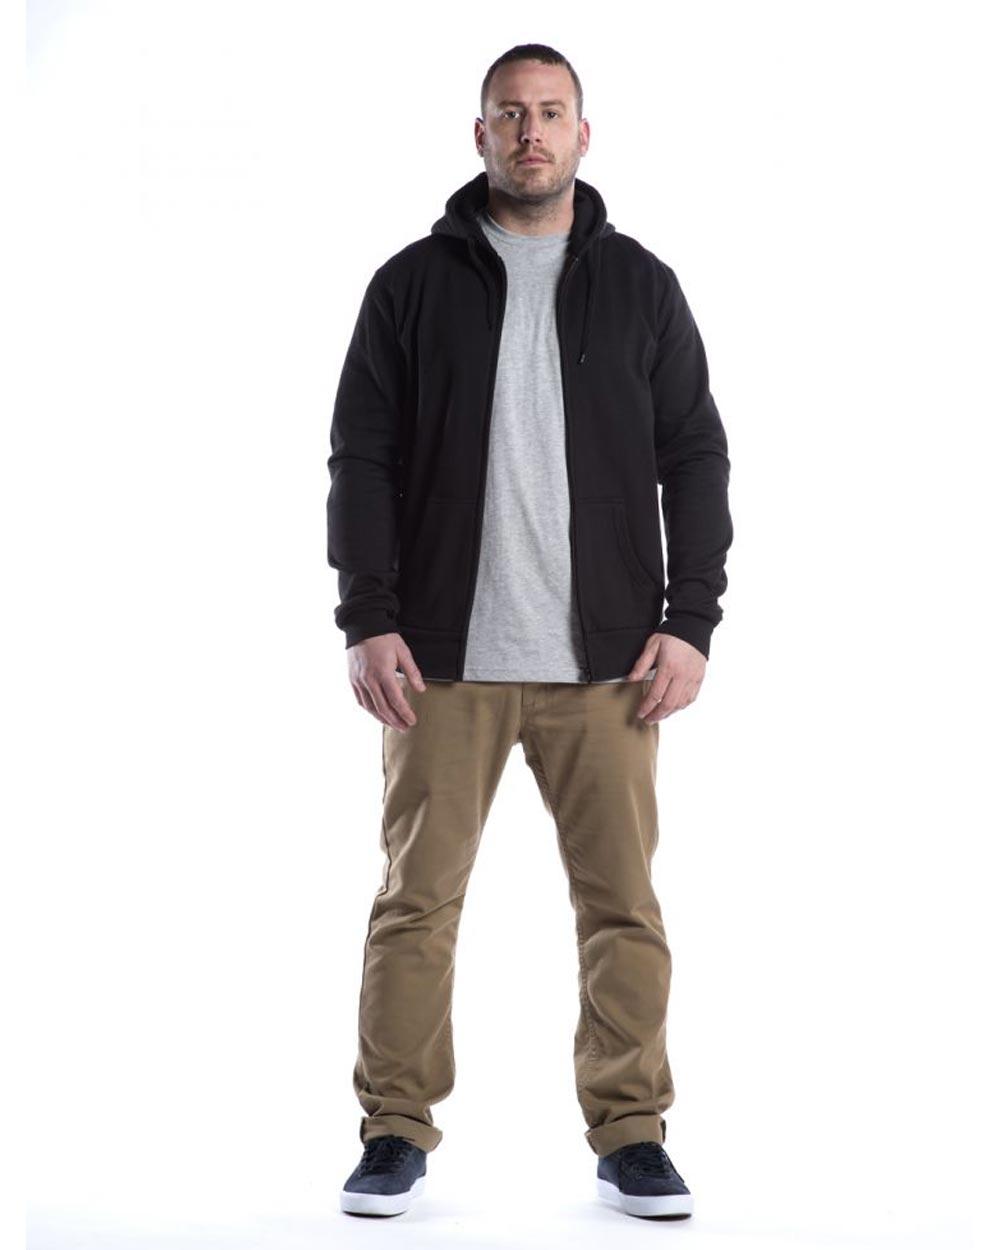 HS Apparel Full Zip Hooded Sweatshirt